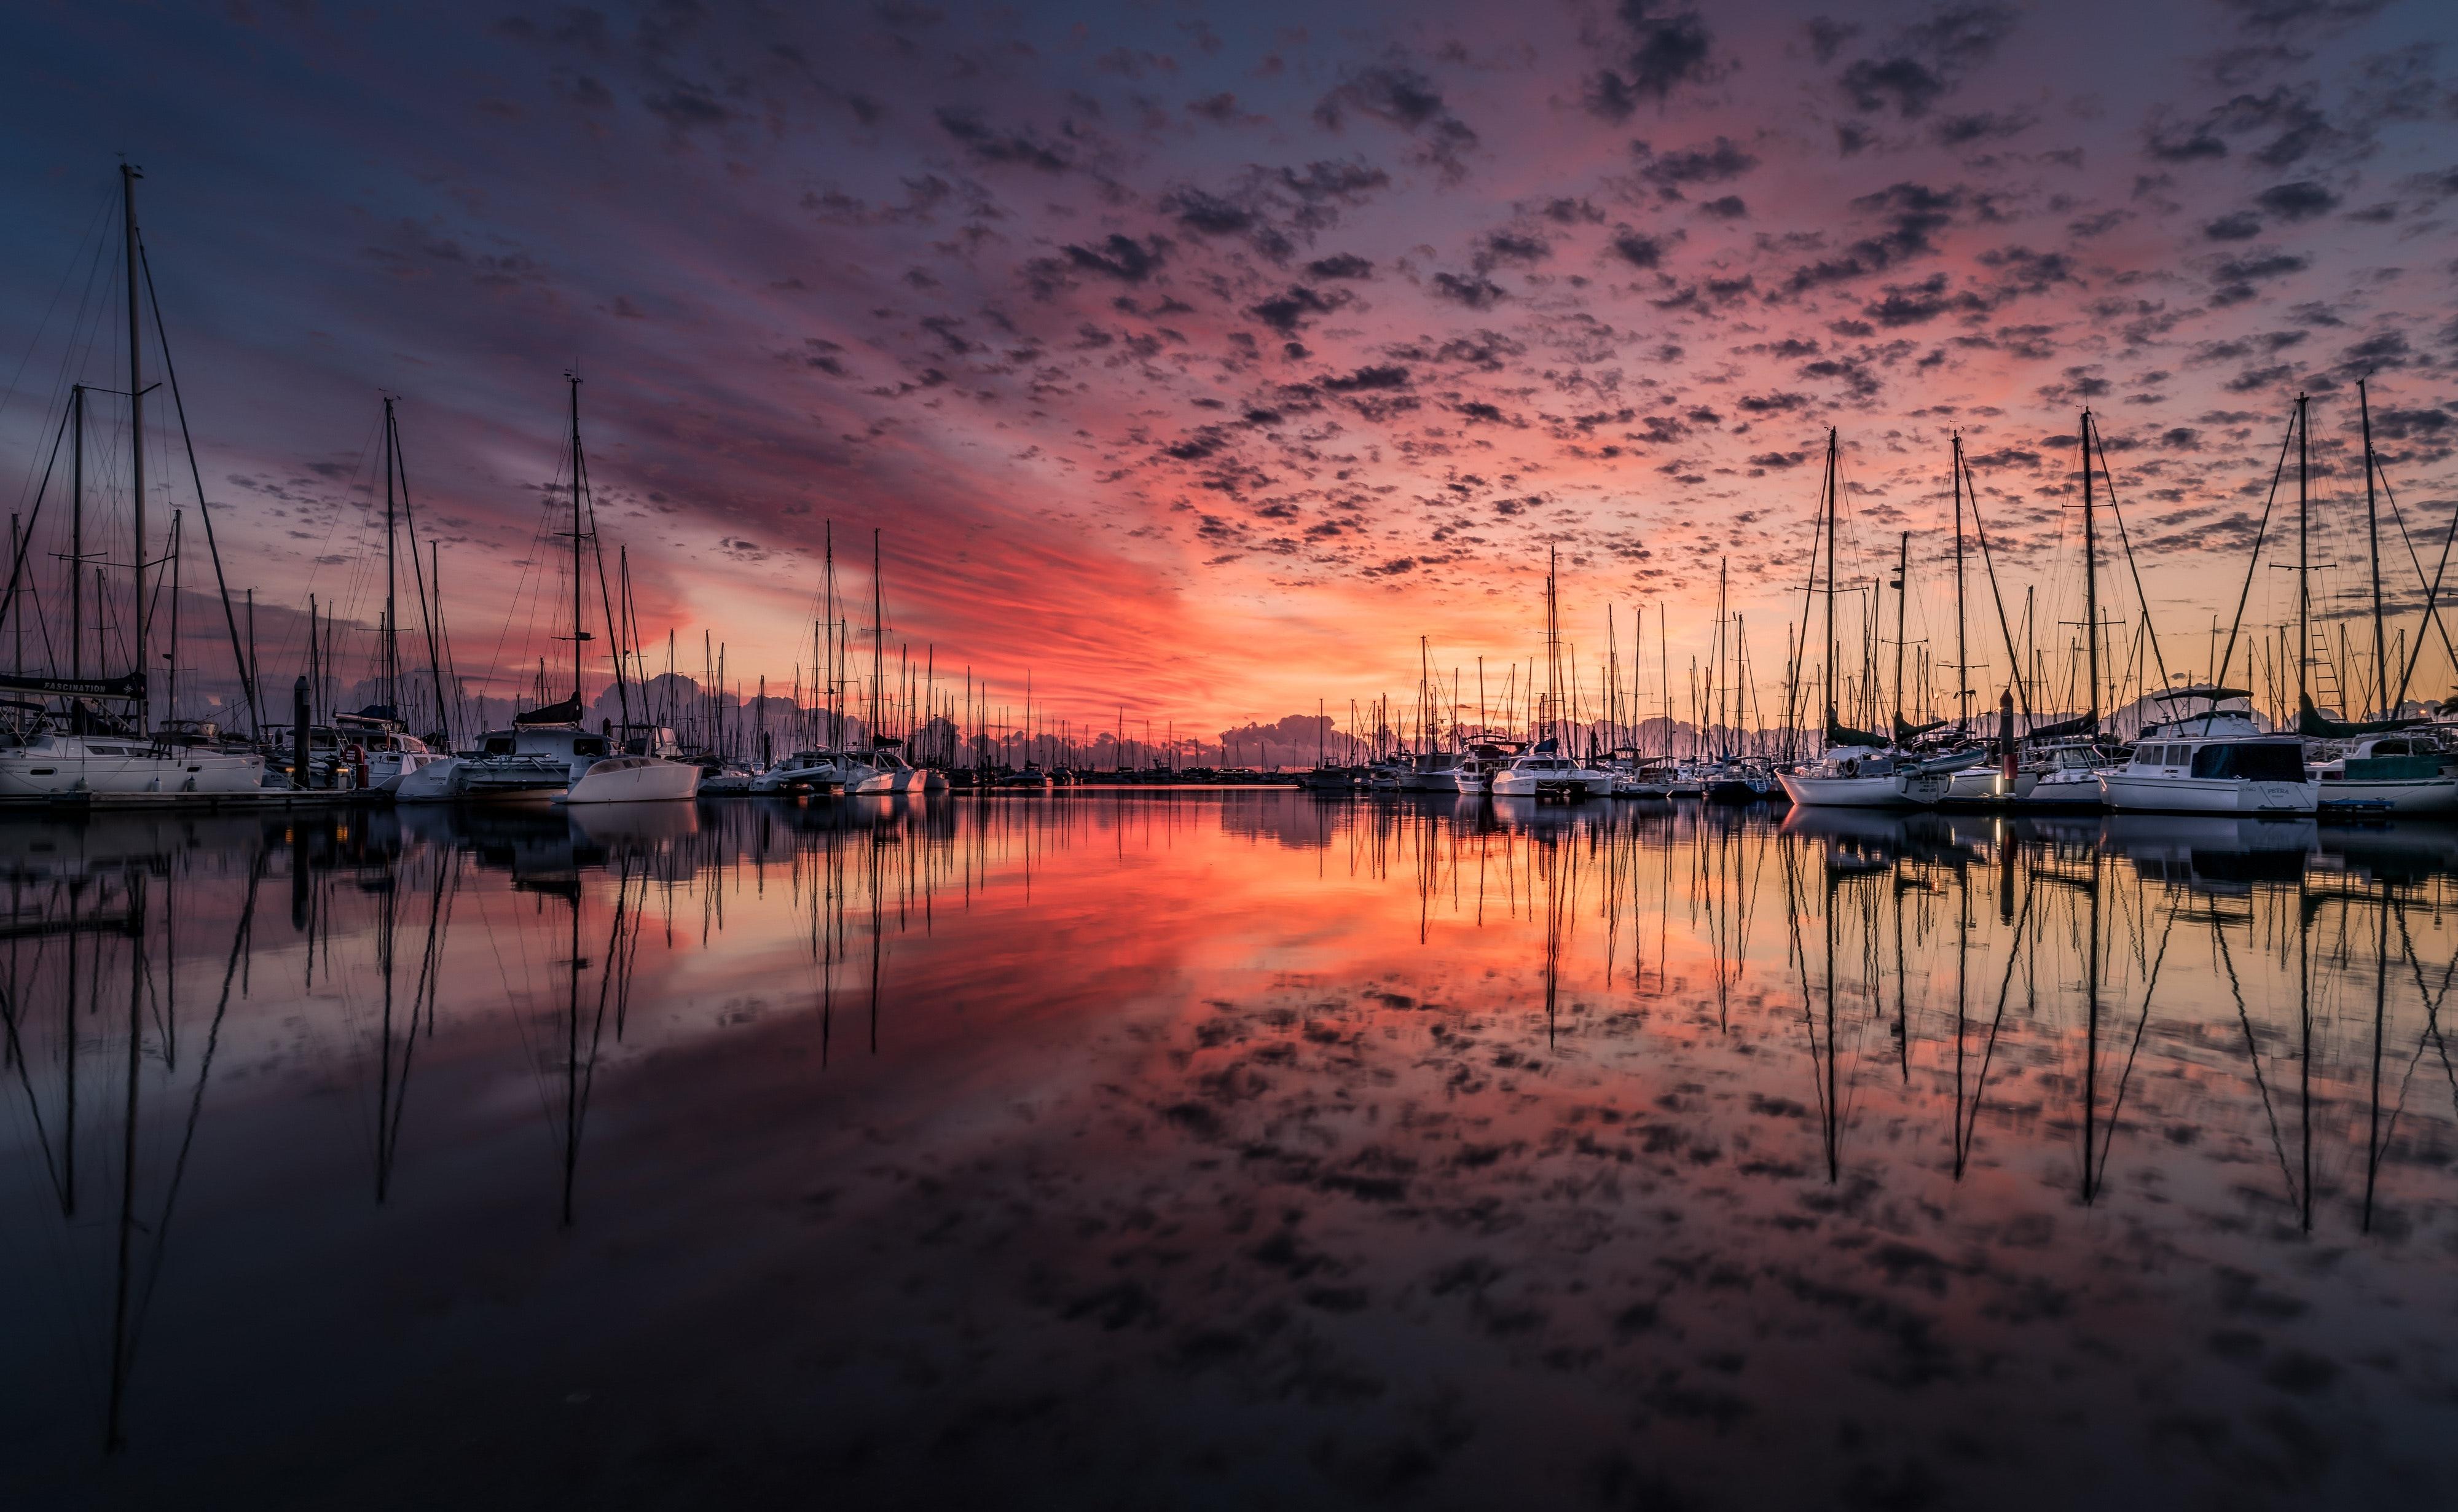 Czerwone niebo o wschodzie słońca może zwiastowac trudną pogodę ale może to być żeglarski mit